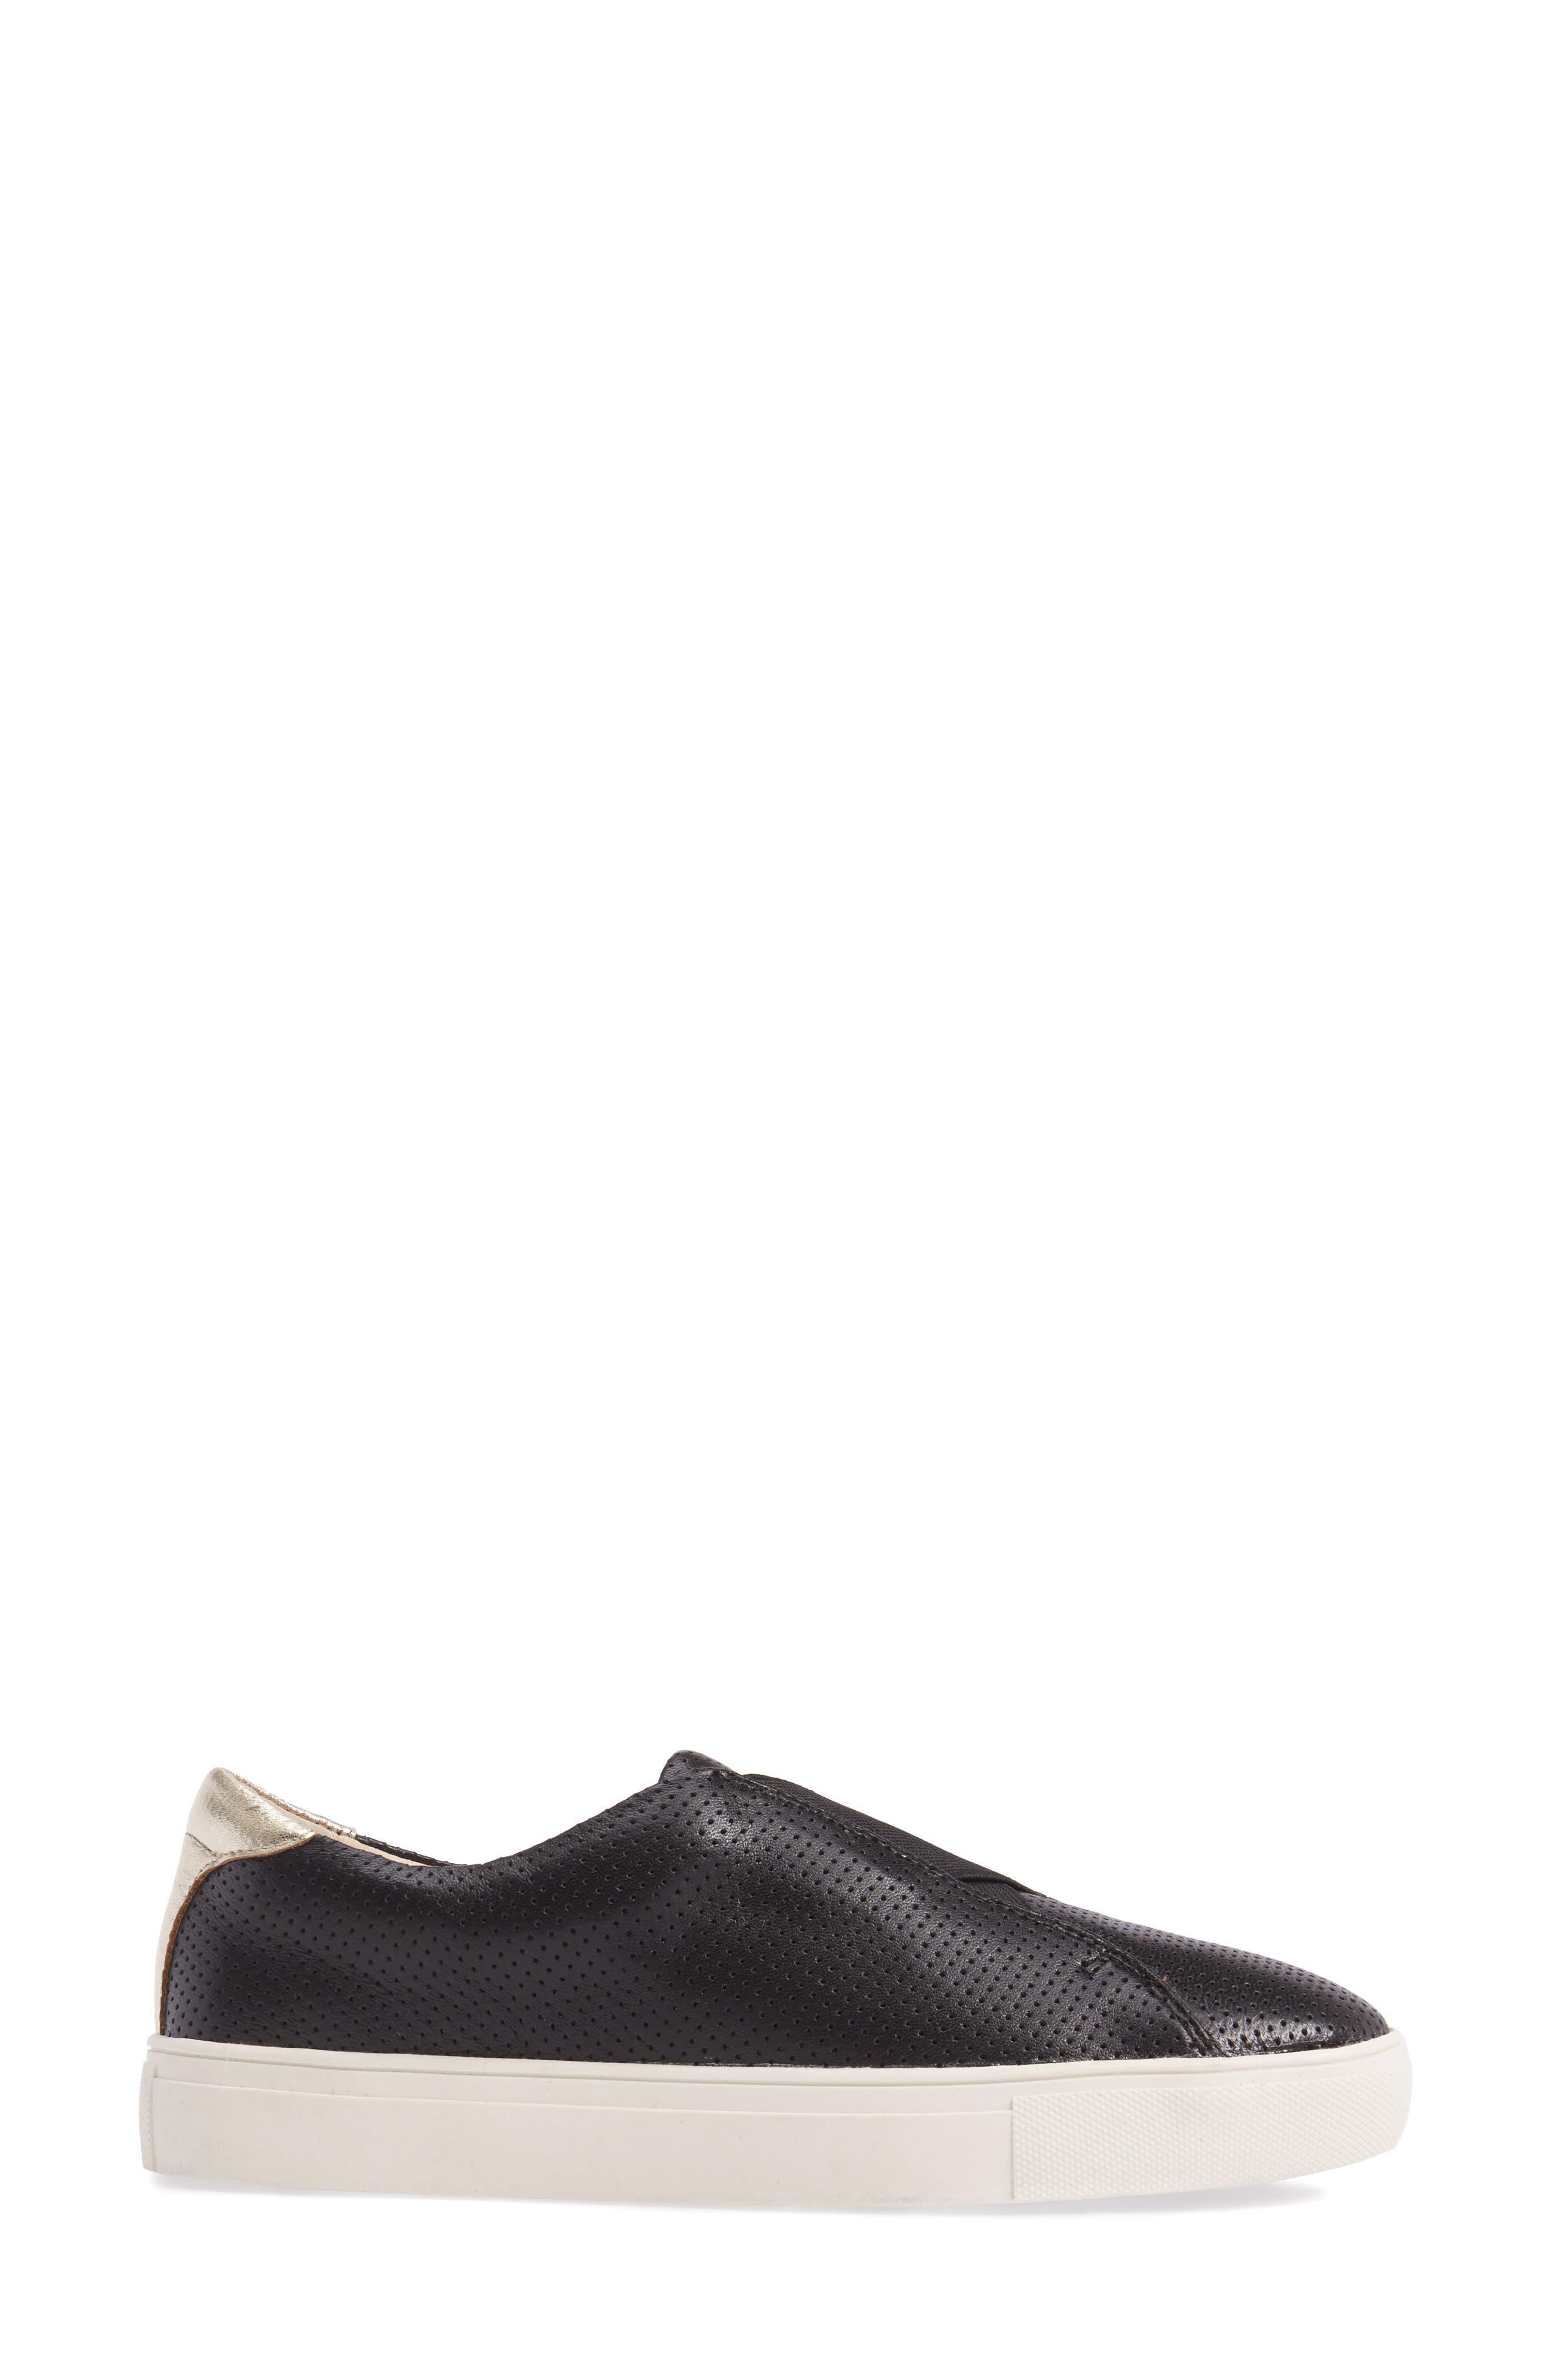 Sudina Giana Slip-On Sneaker,                             Alternate thumbnail 3, color,                             001